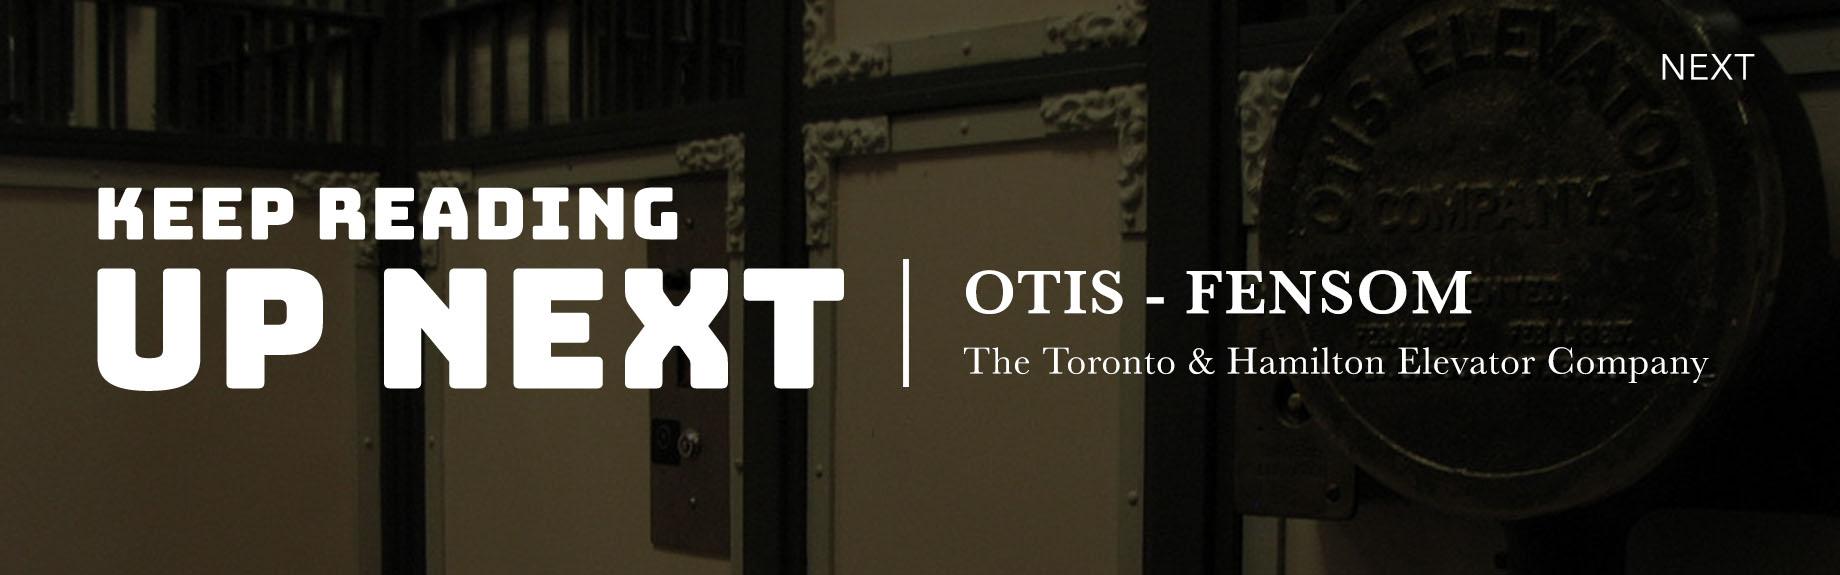 Otis Fensom Elevator